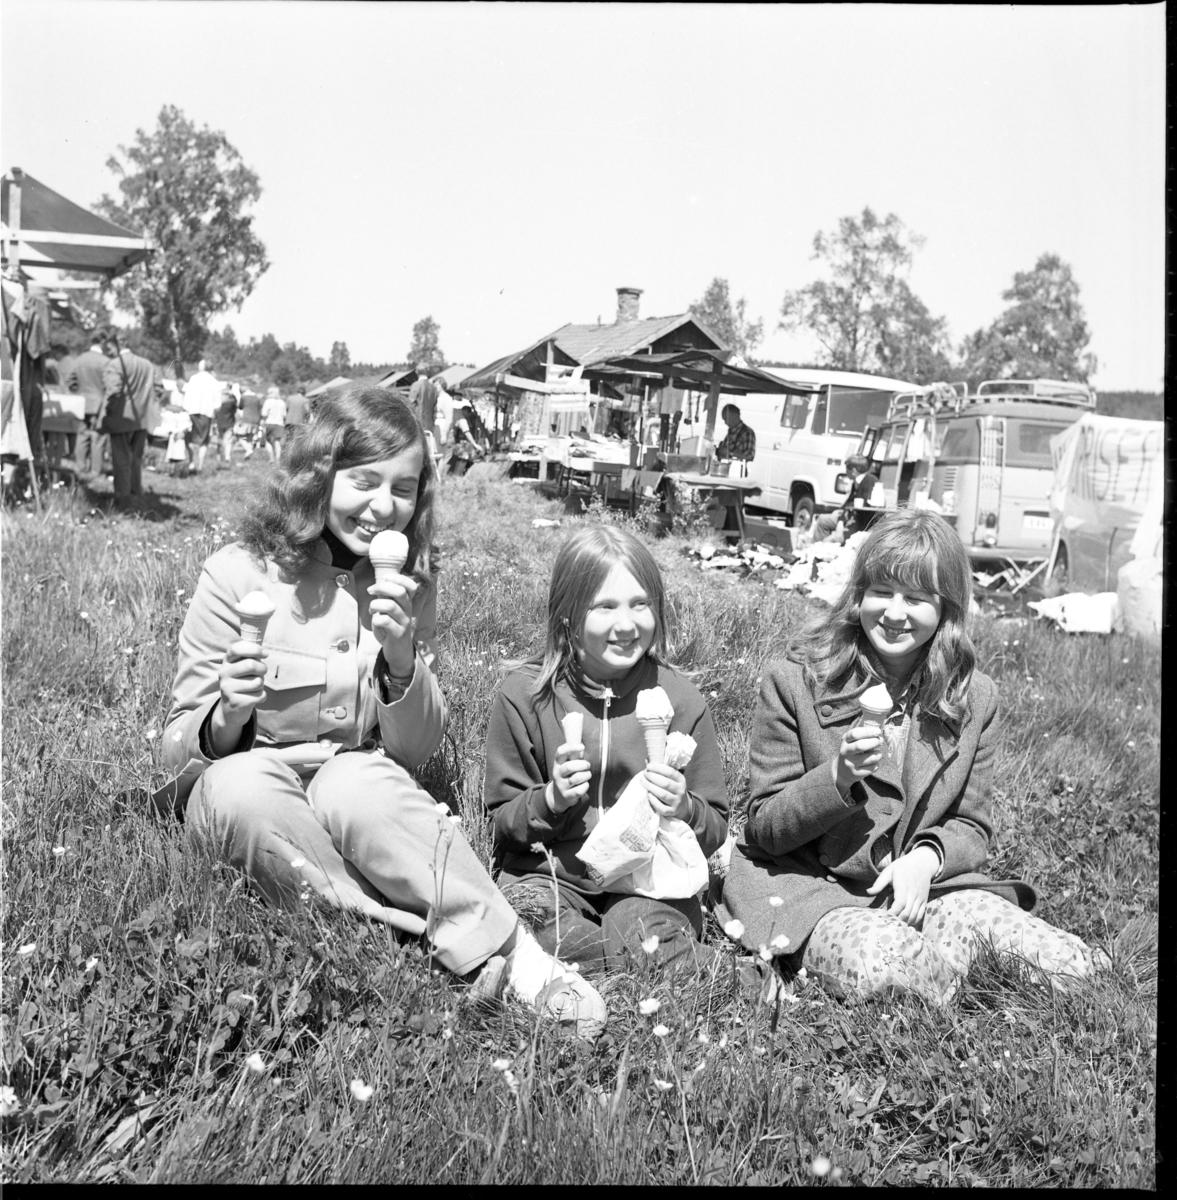 Tre glassätande flickor sitter i en slänt på Vireda marknad 1968. Från vänster: Ann-Britt Carlsson, Maria Ingesson och Lena Nyström.